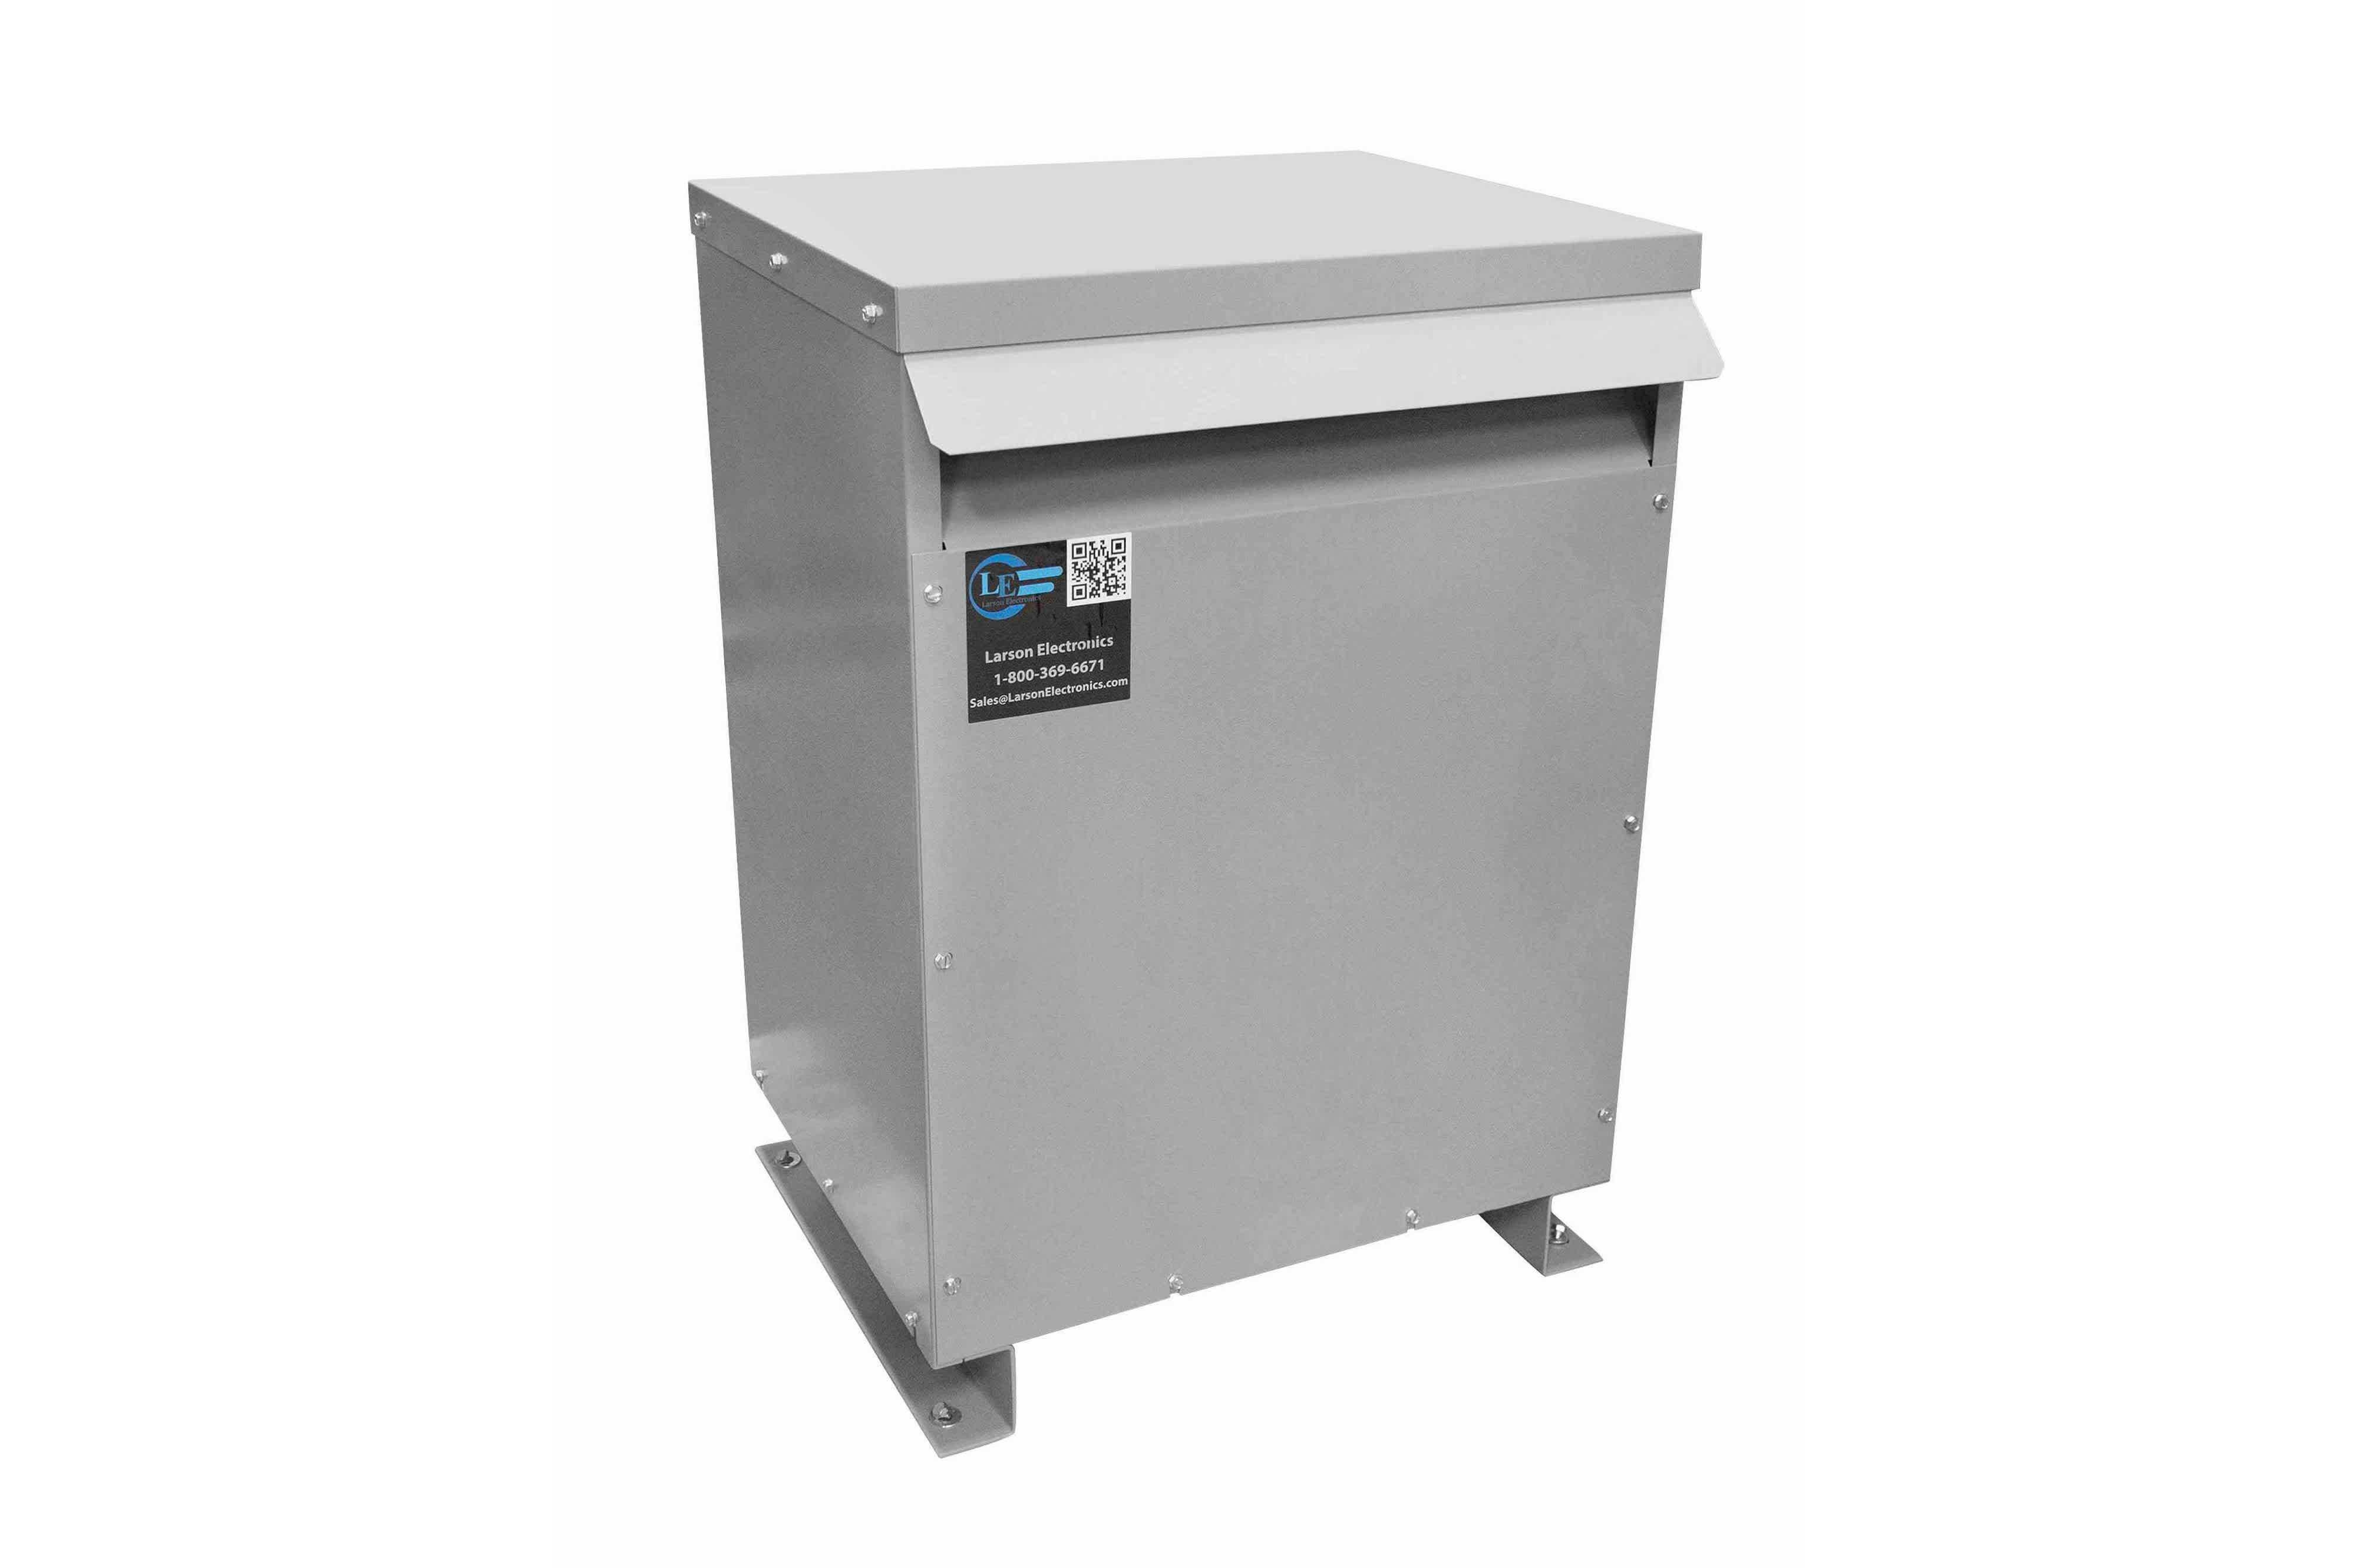 90 kVA 3PH Isolation Transformer, 440V Delta Primary, 208V Delta Secondary, N3R, Ventilated, 60 Hz